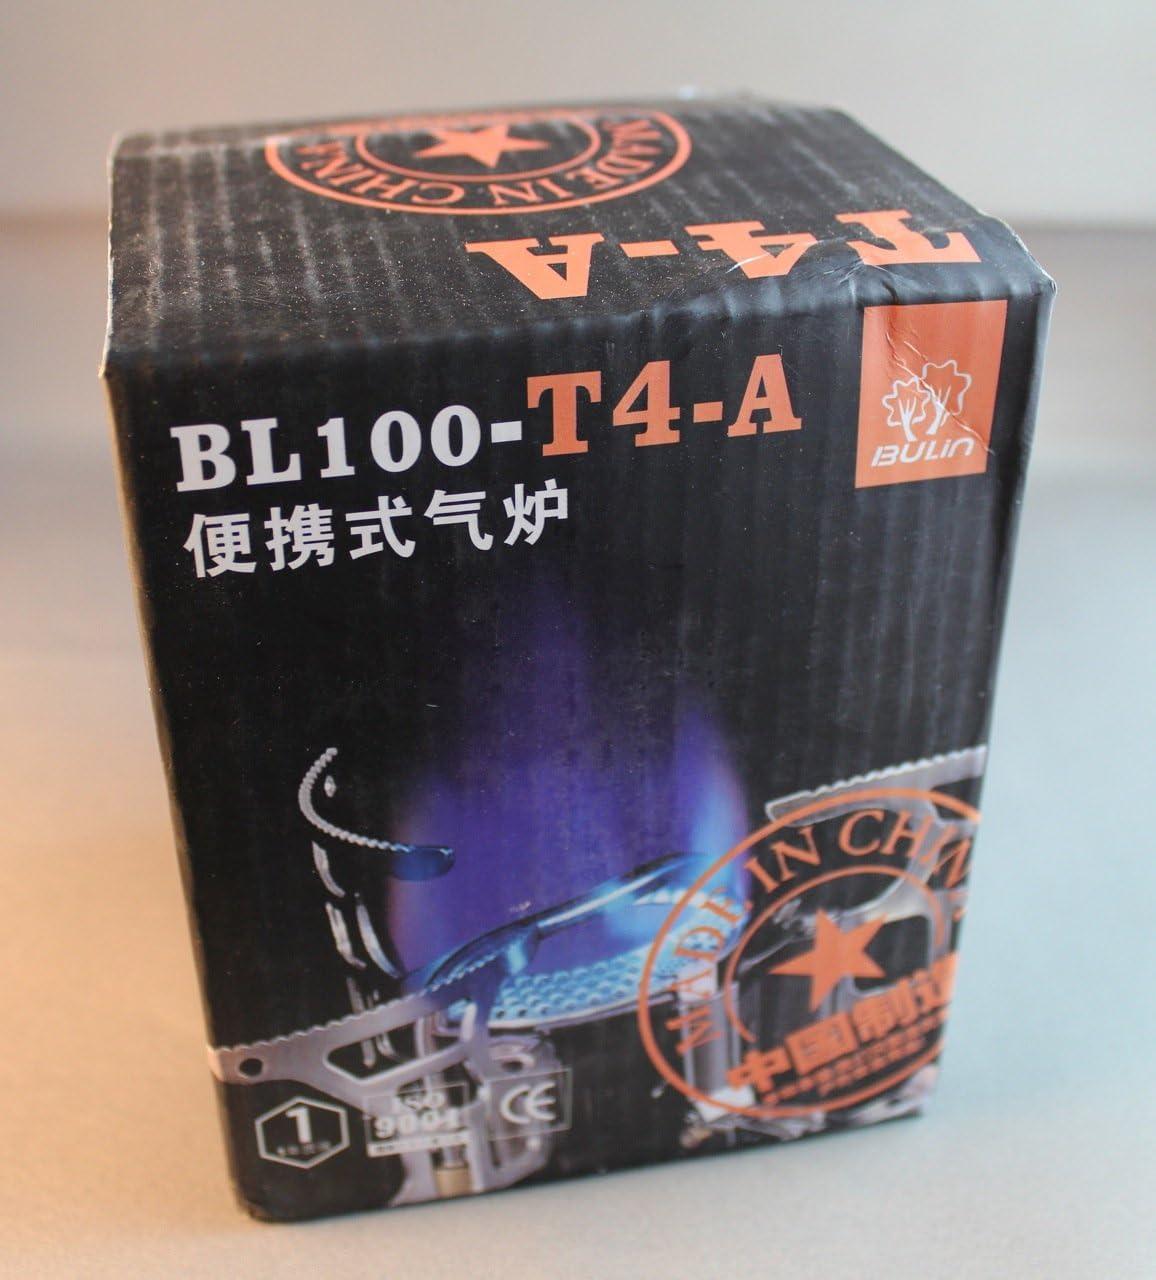 Bulin BL100-T4-A - Hornillo compacto plegable para camping